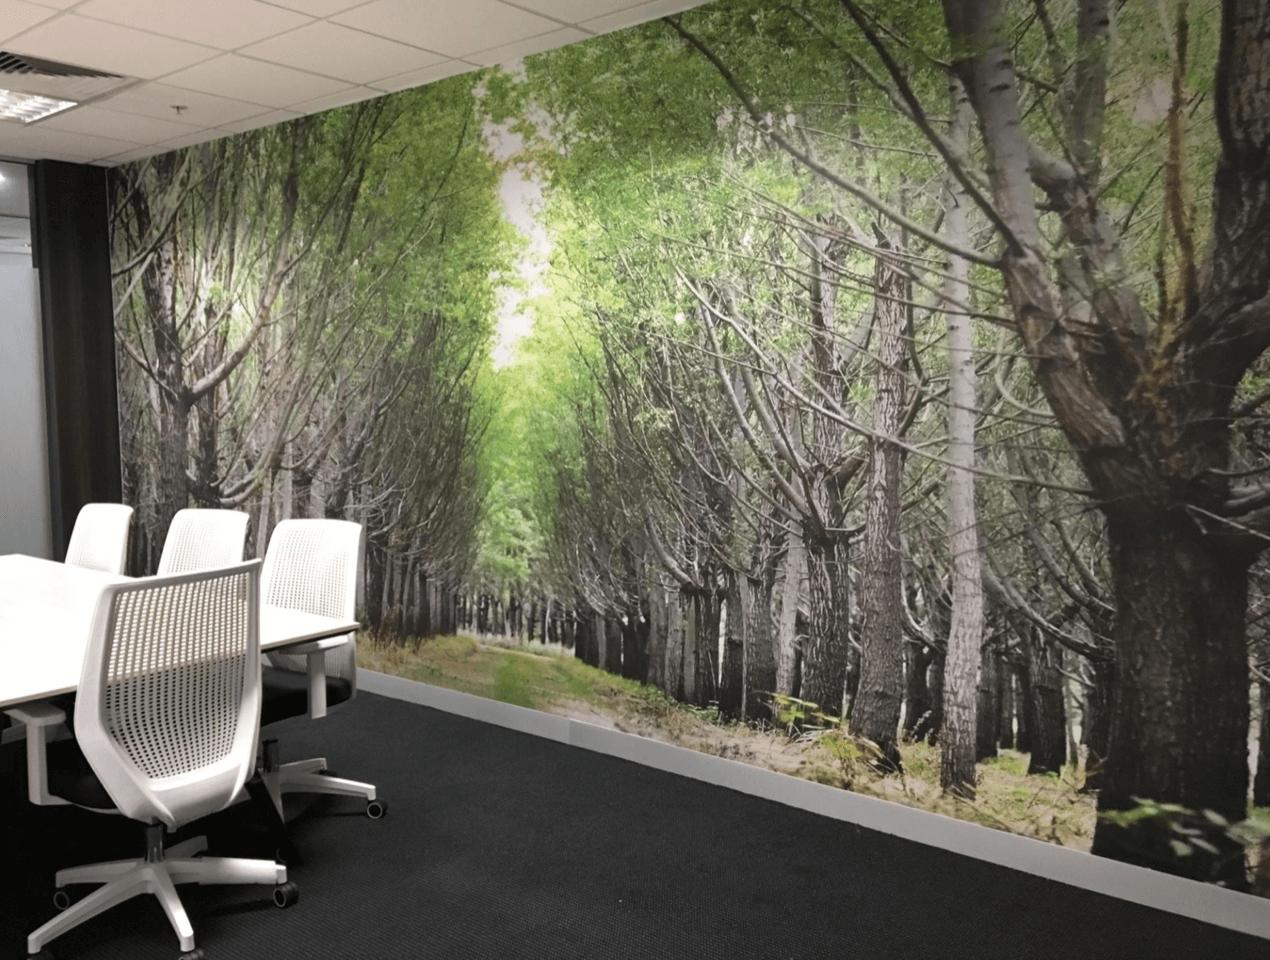 forest wallpaper in board room